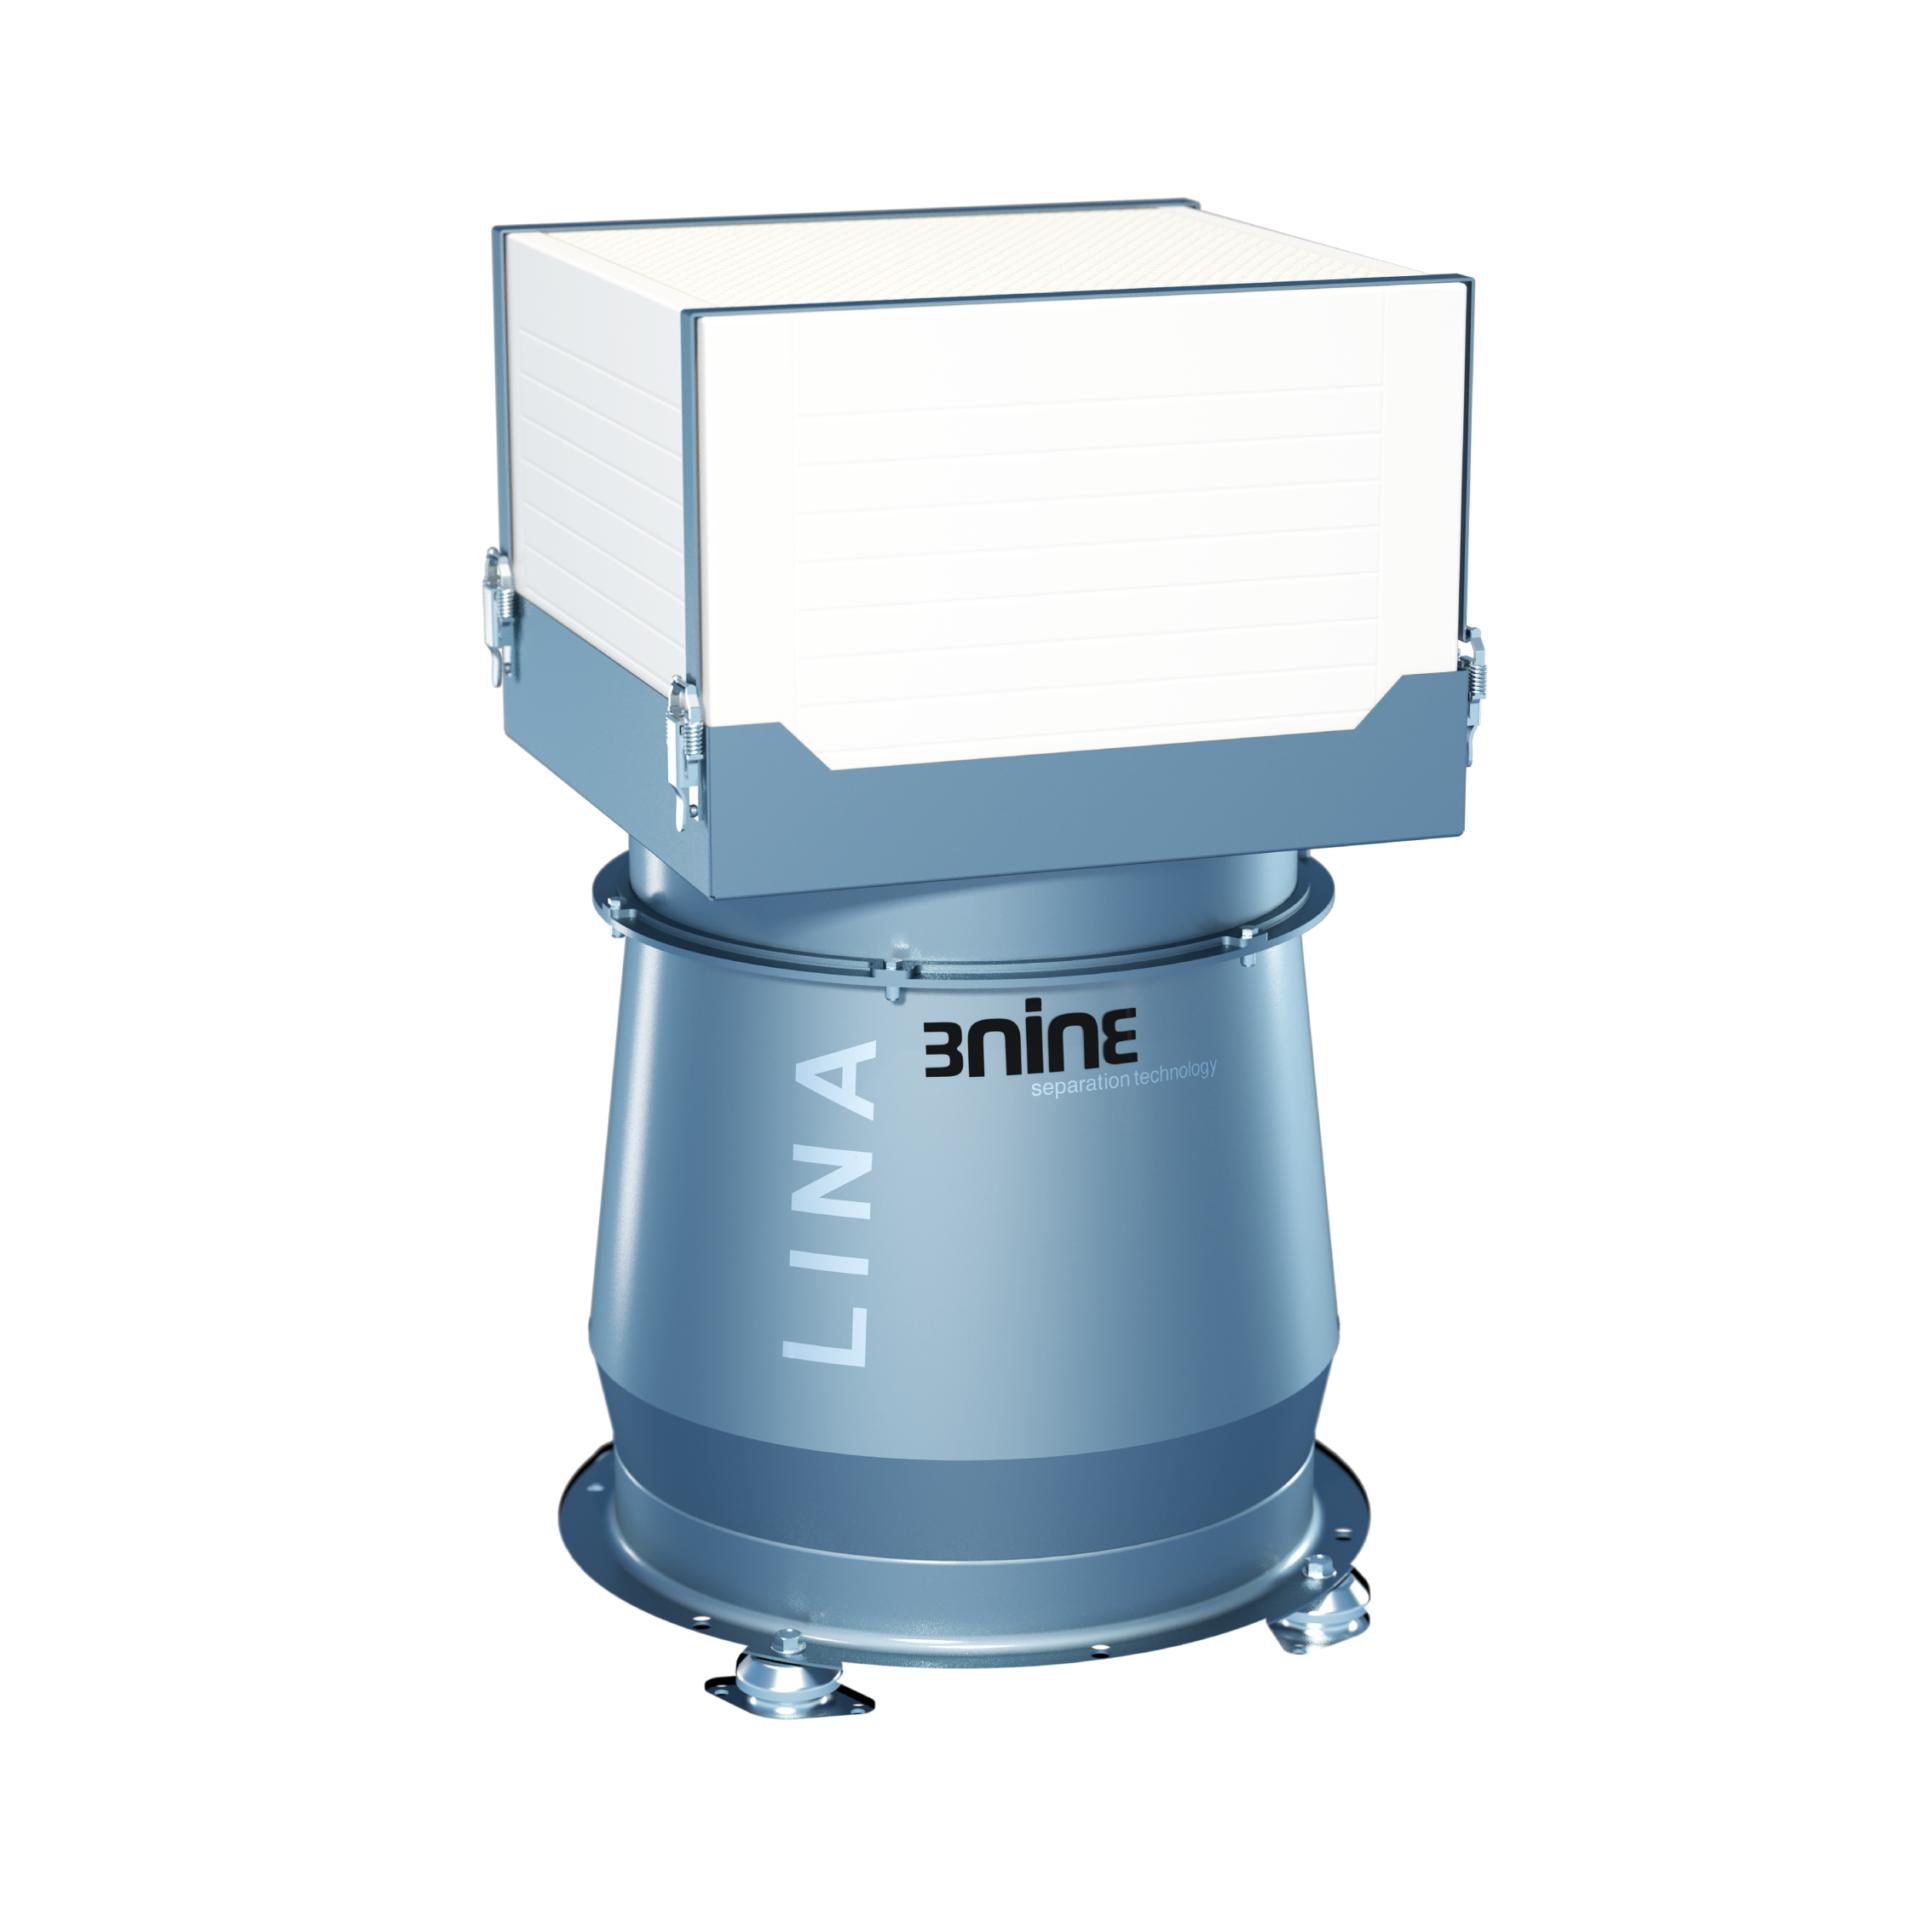 3ninen Lina-pisaraerotin on suunniteltu erityisesti koteloituja työstökoneita varten.